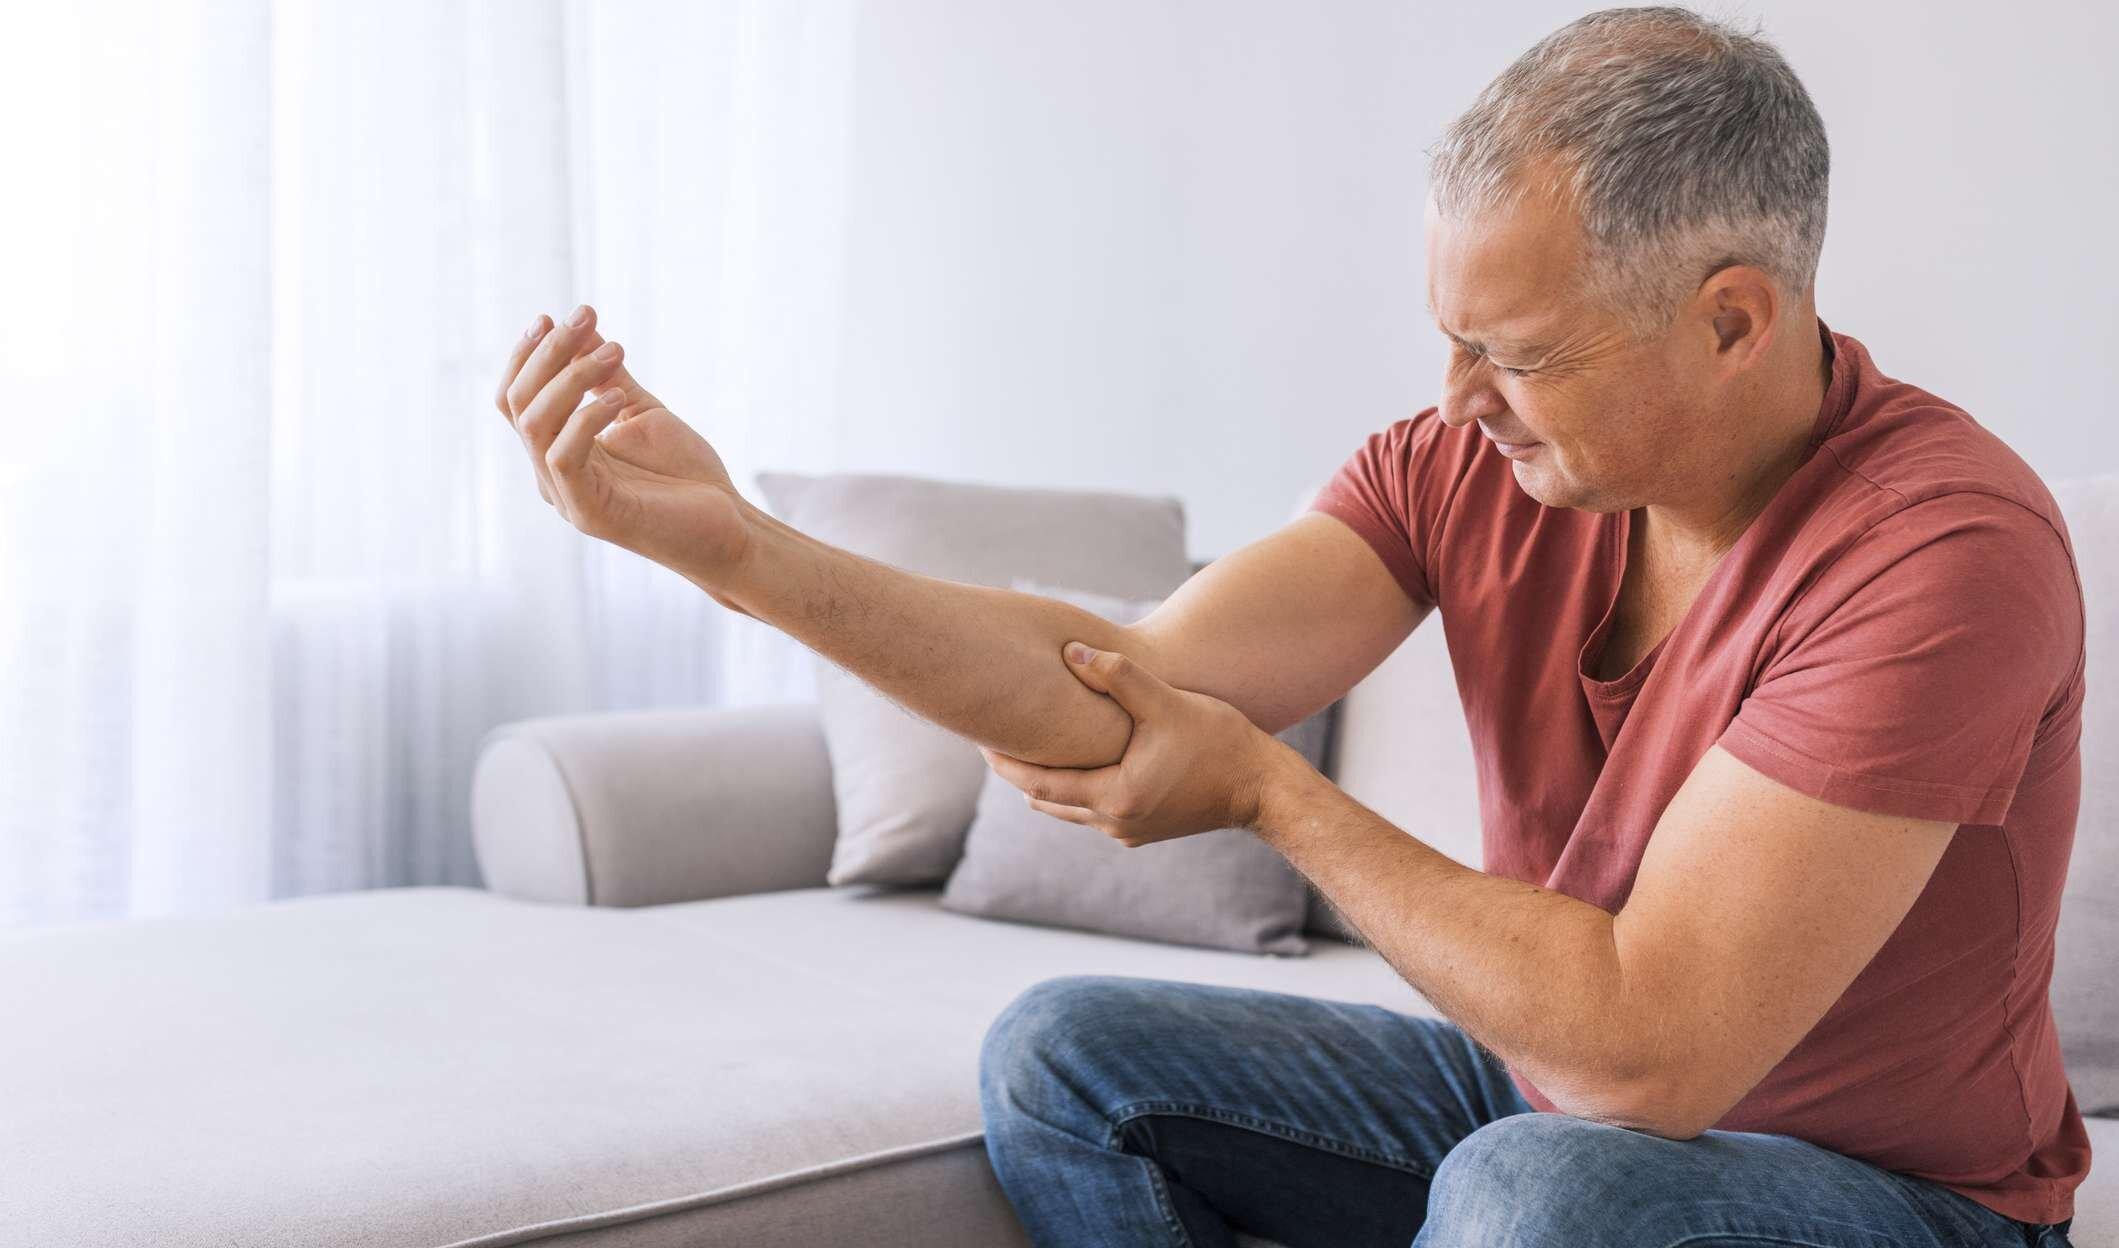 Khô khớp, viêm khớp gây đau đớn và vận động khó khăn